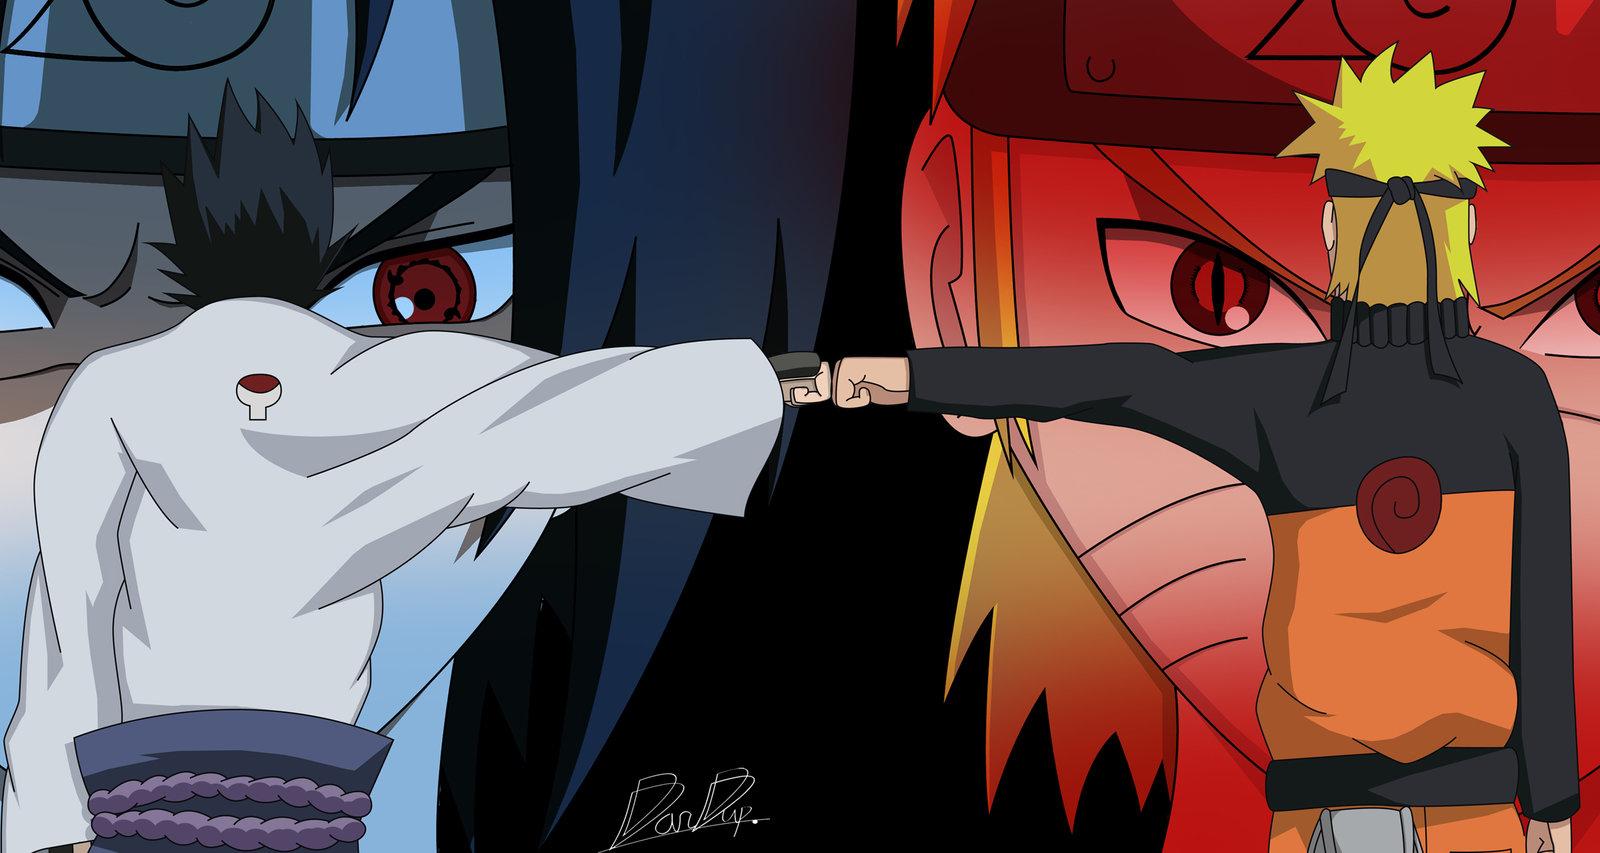 imagenes de naruto y sasuke